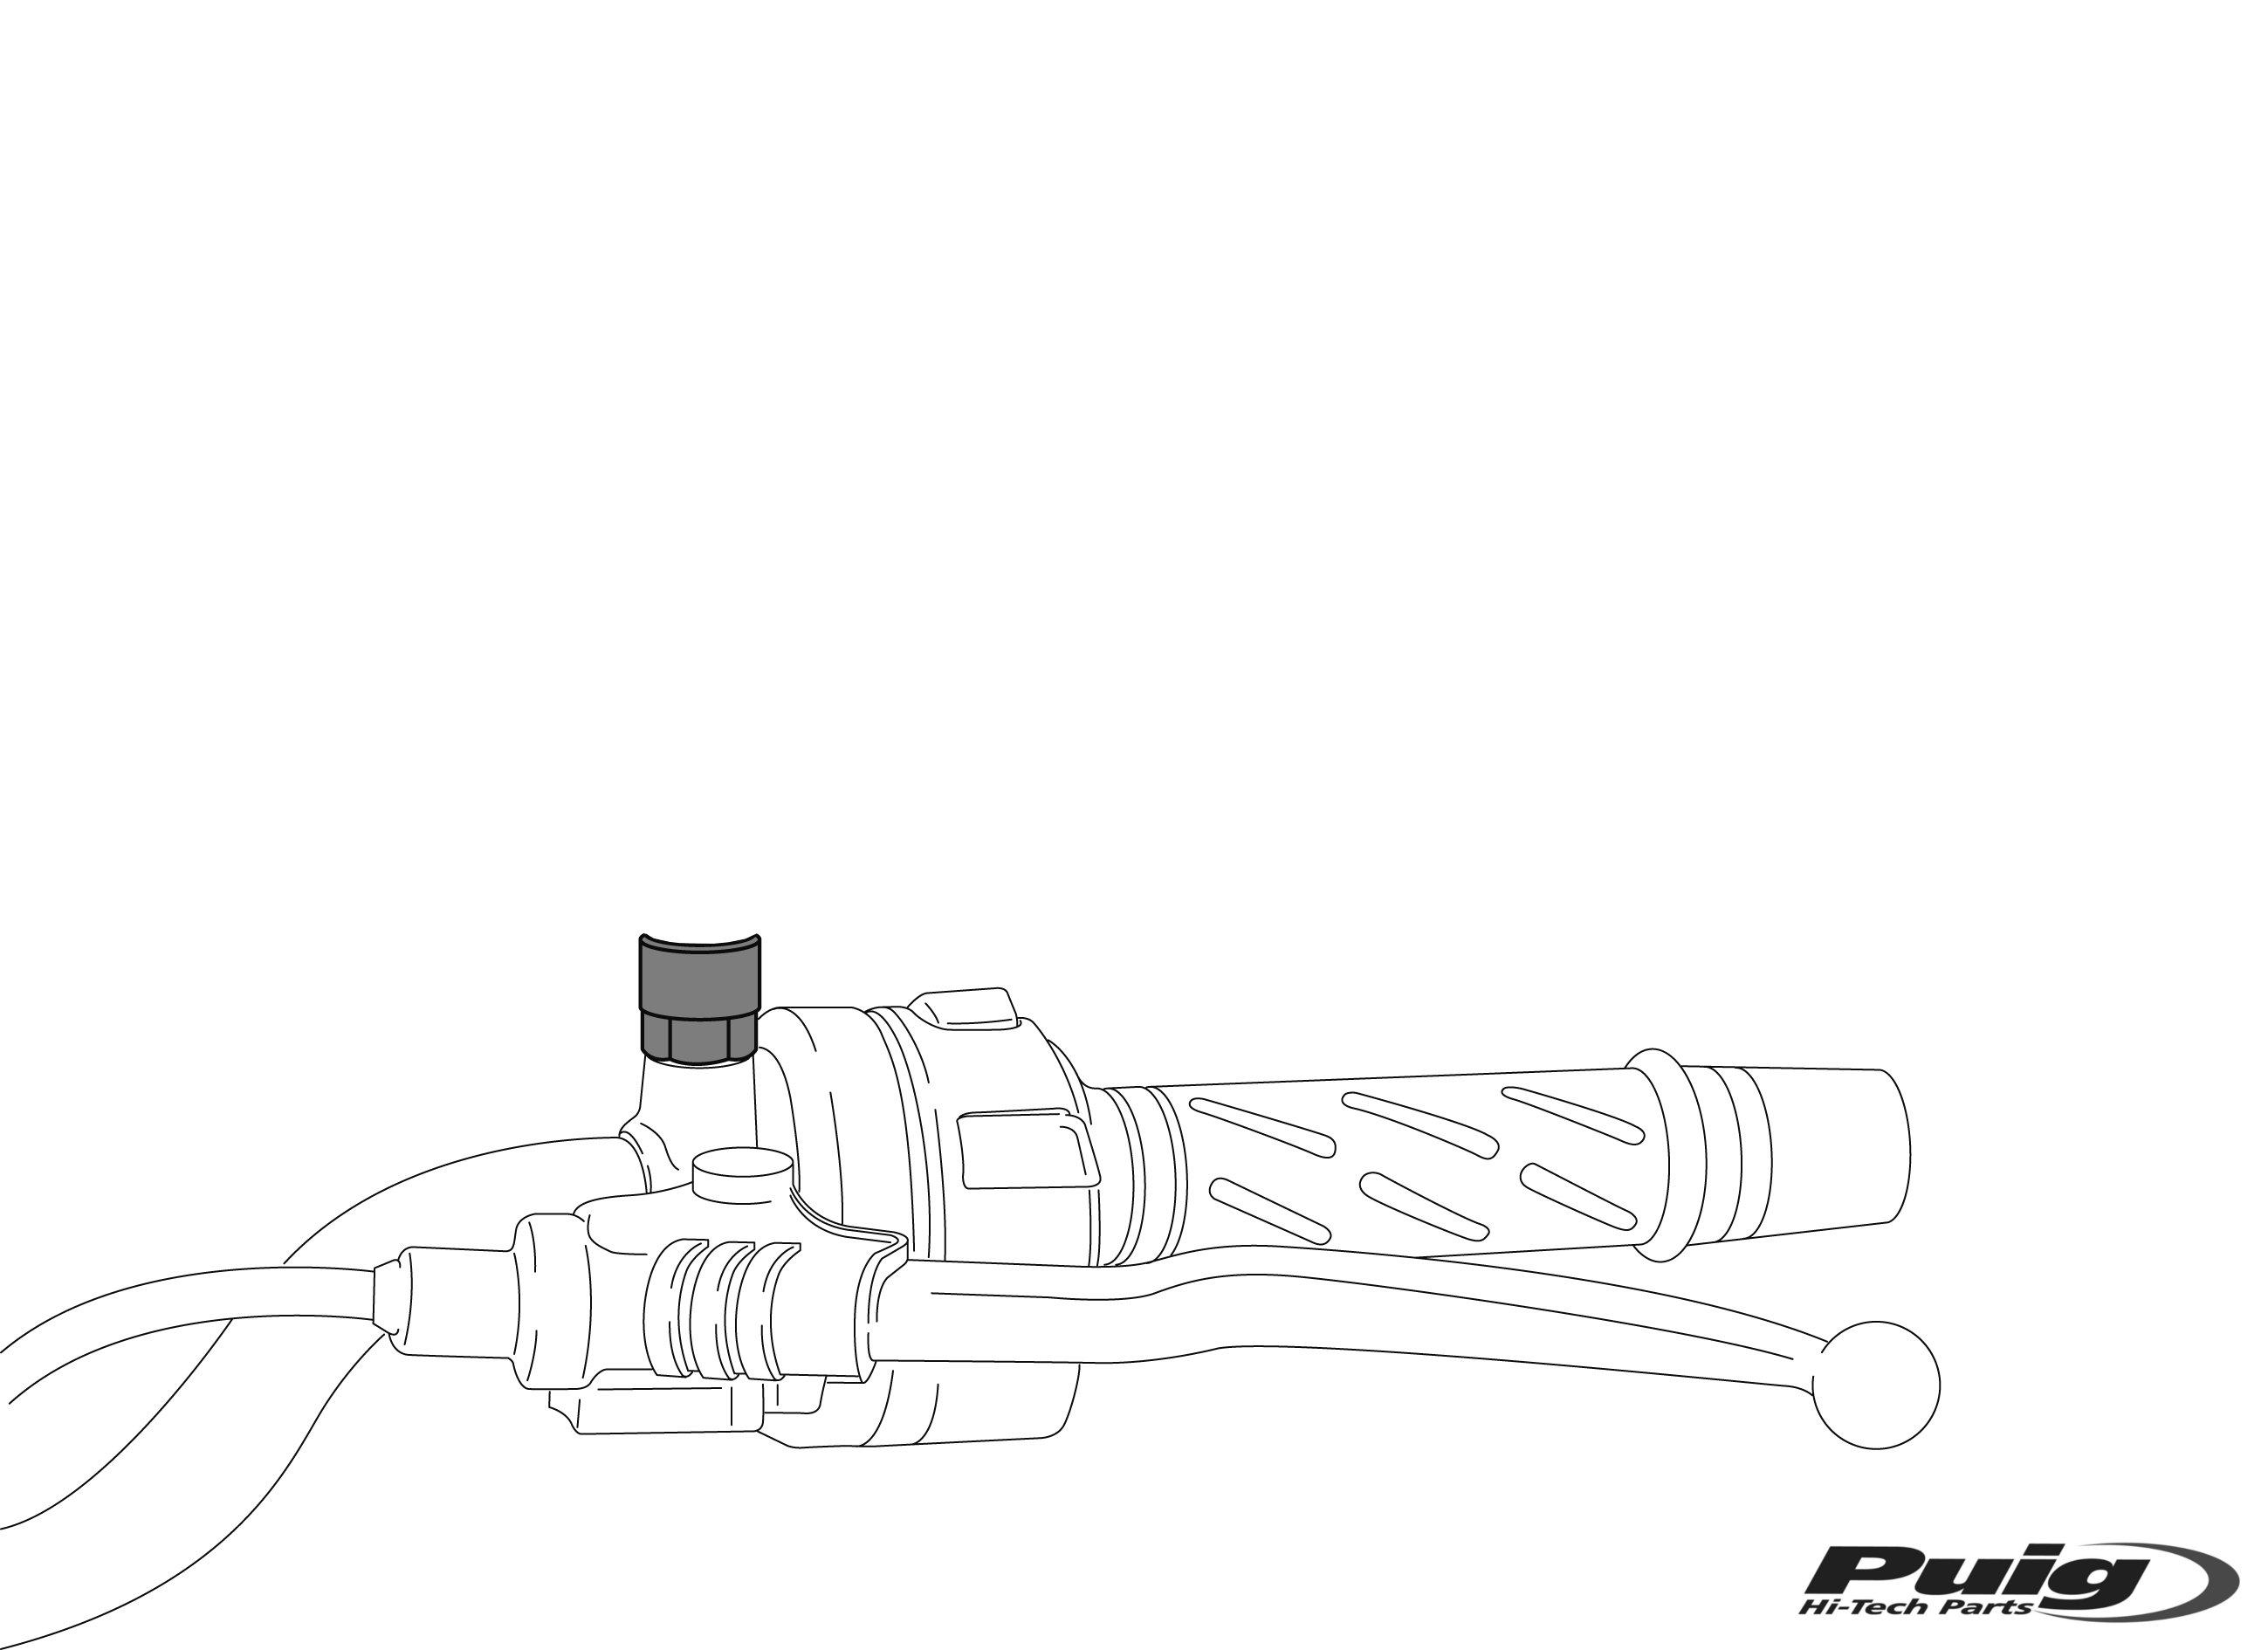 Adaptador para retrovisores Puig 9533N lado izquierdo para BMW R Nine T Racer 2017